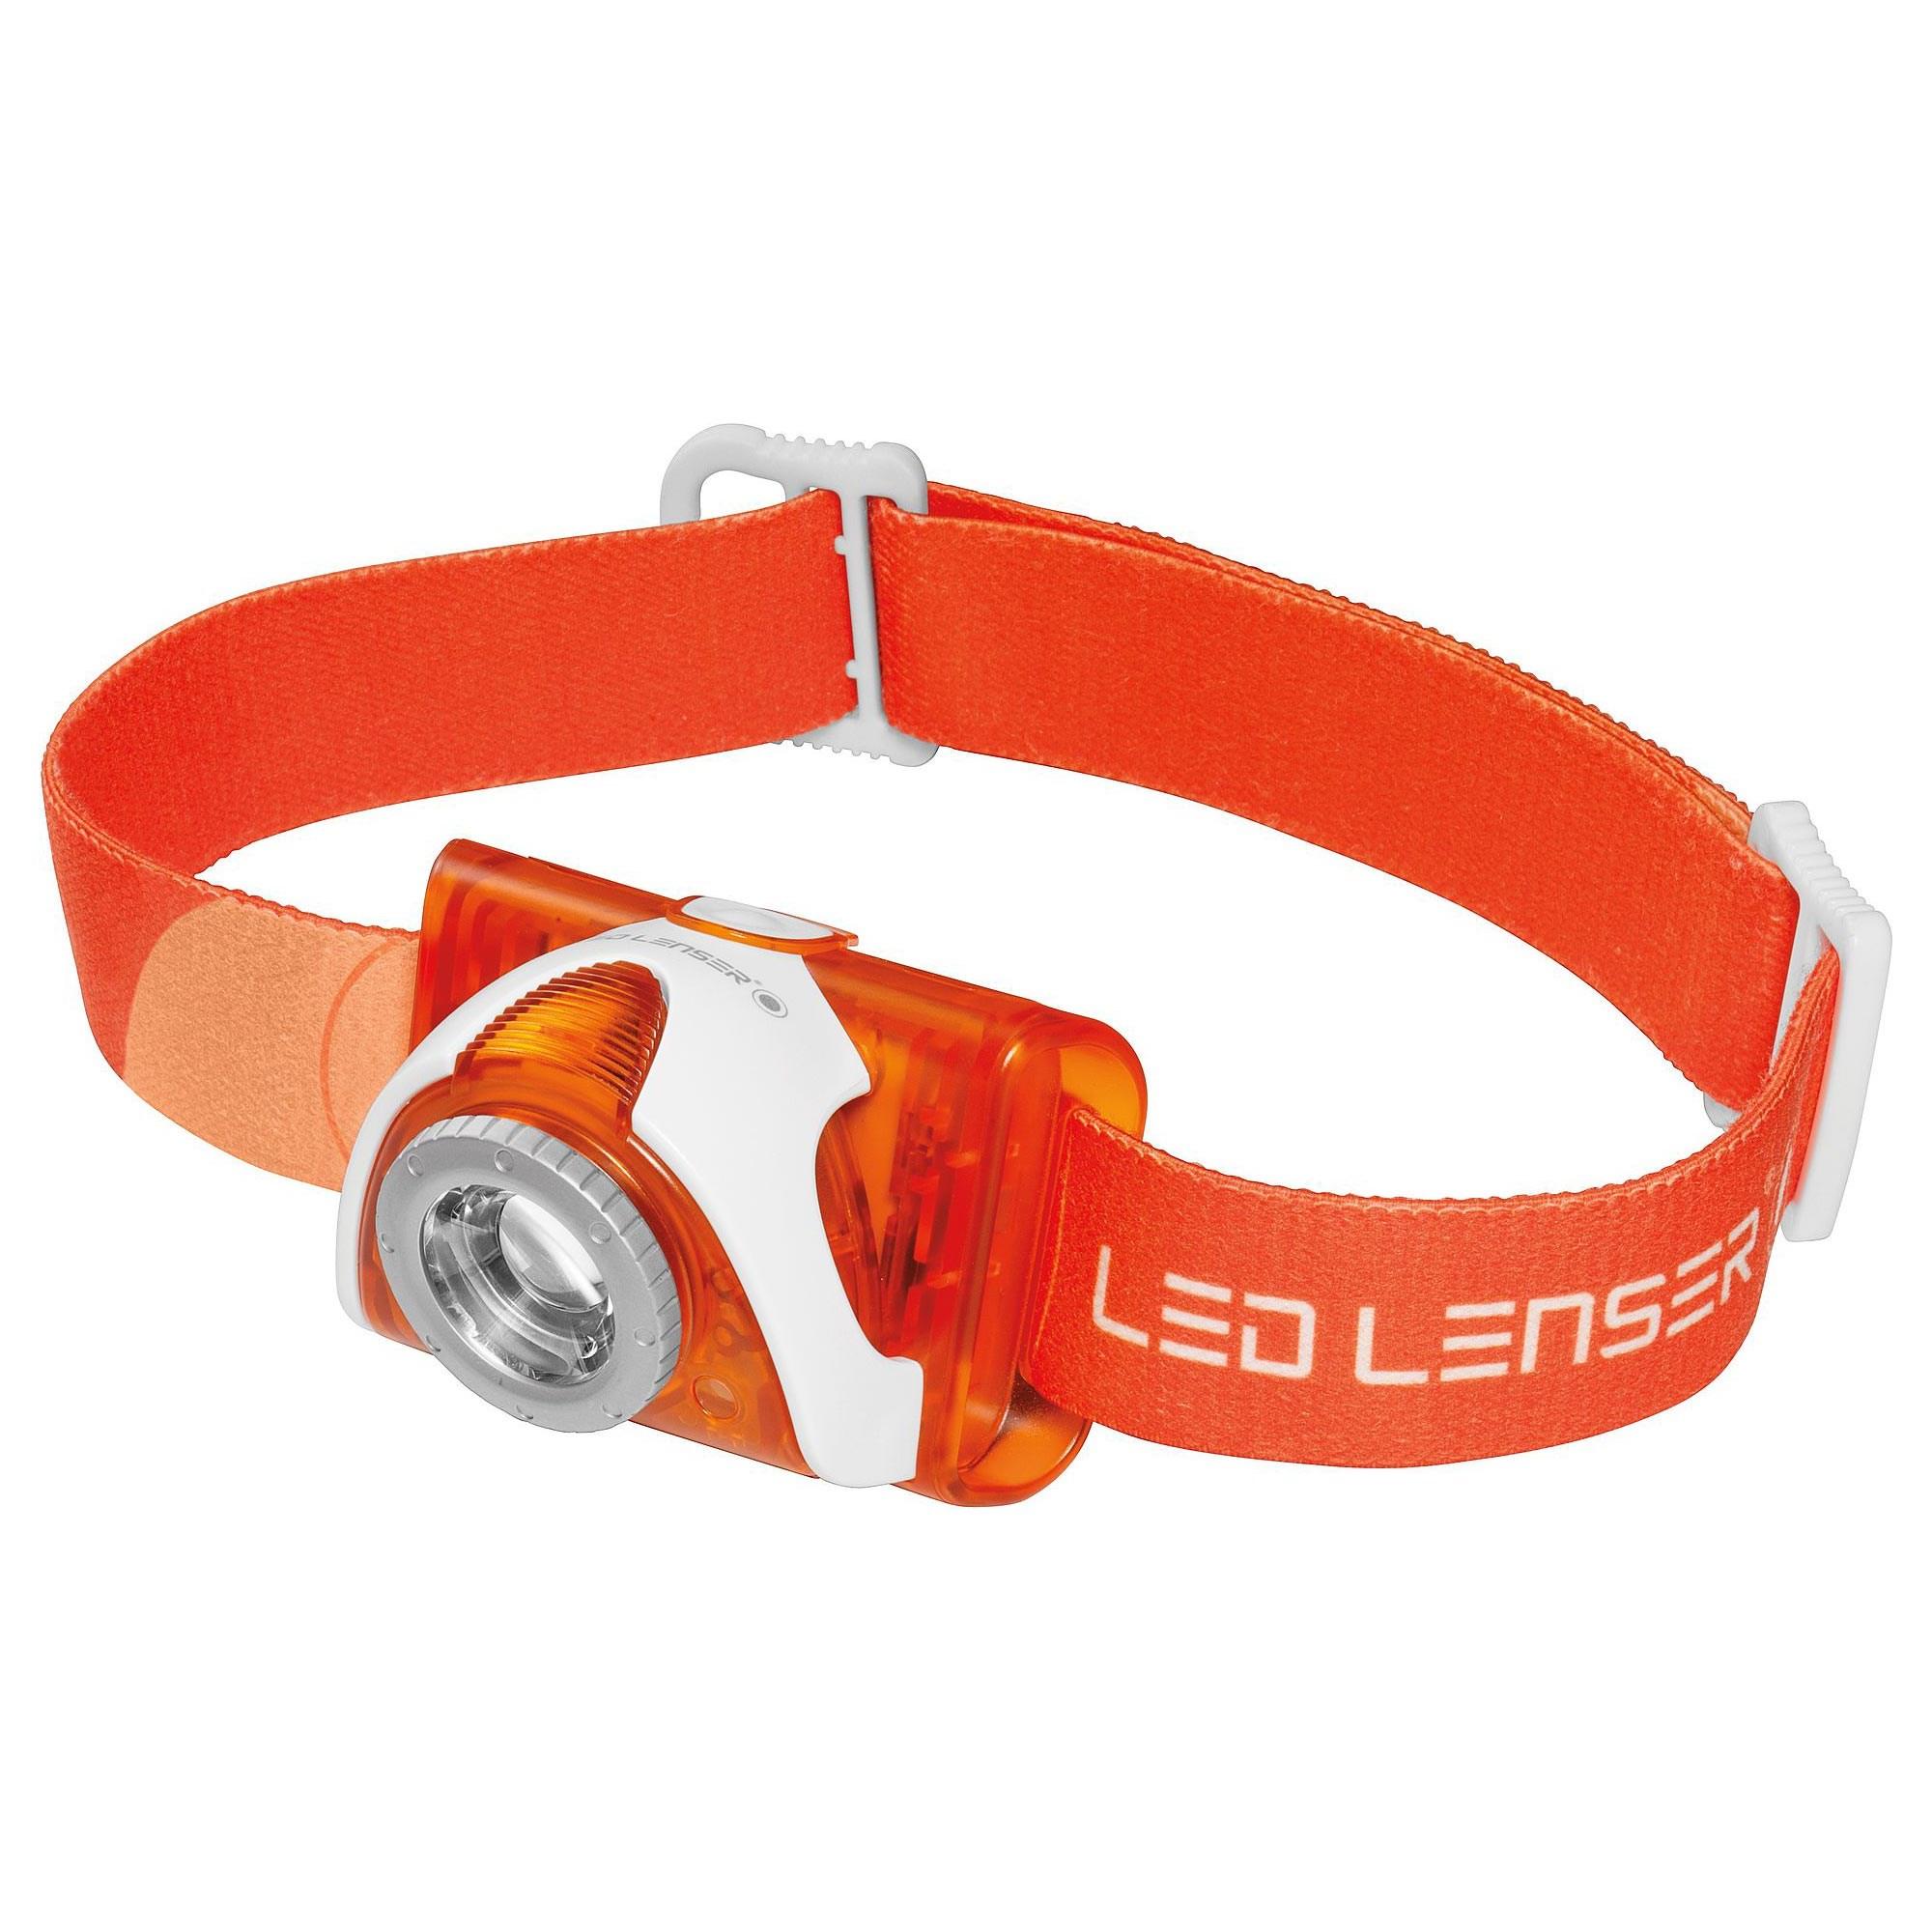 LED LENSER® | Svítilna čelová LEDLENSER SEO 3 ORANŽOVÁ